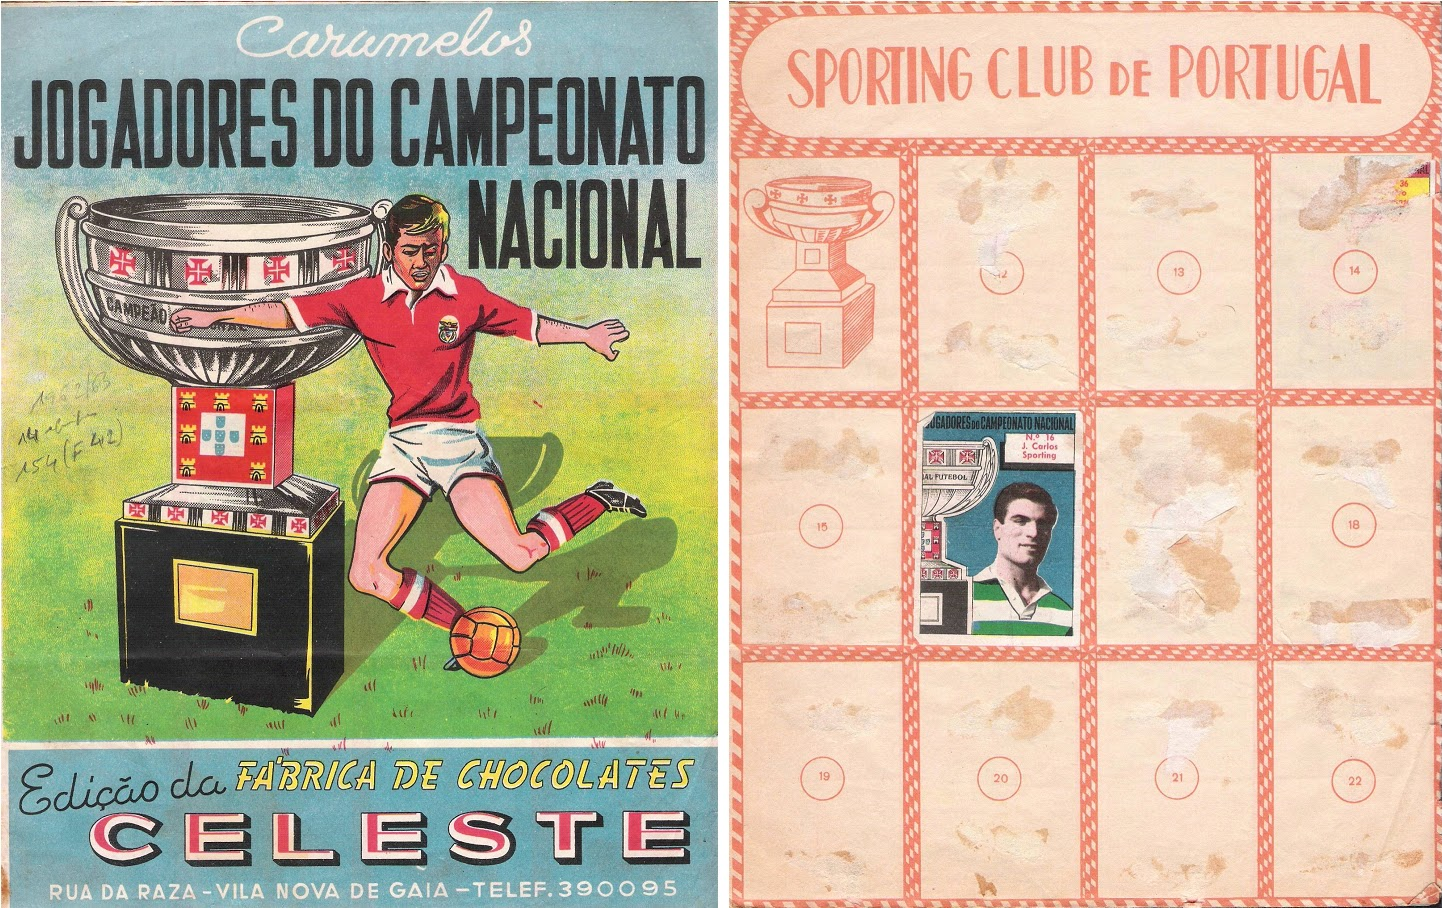 Campeonato de futebol portugues